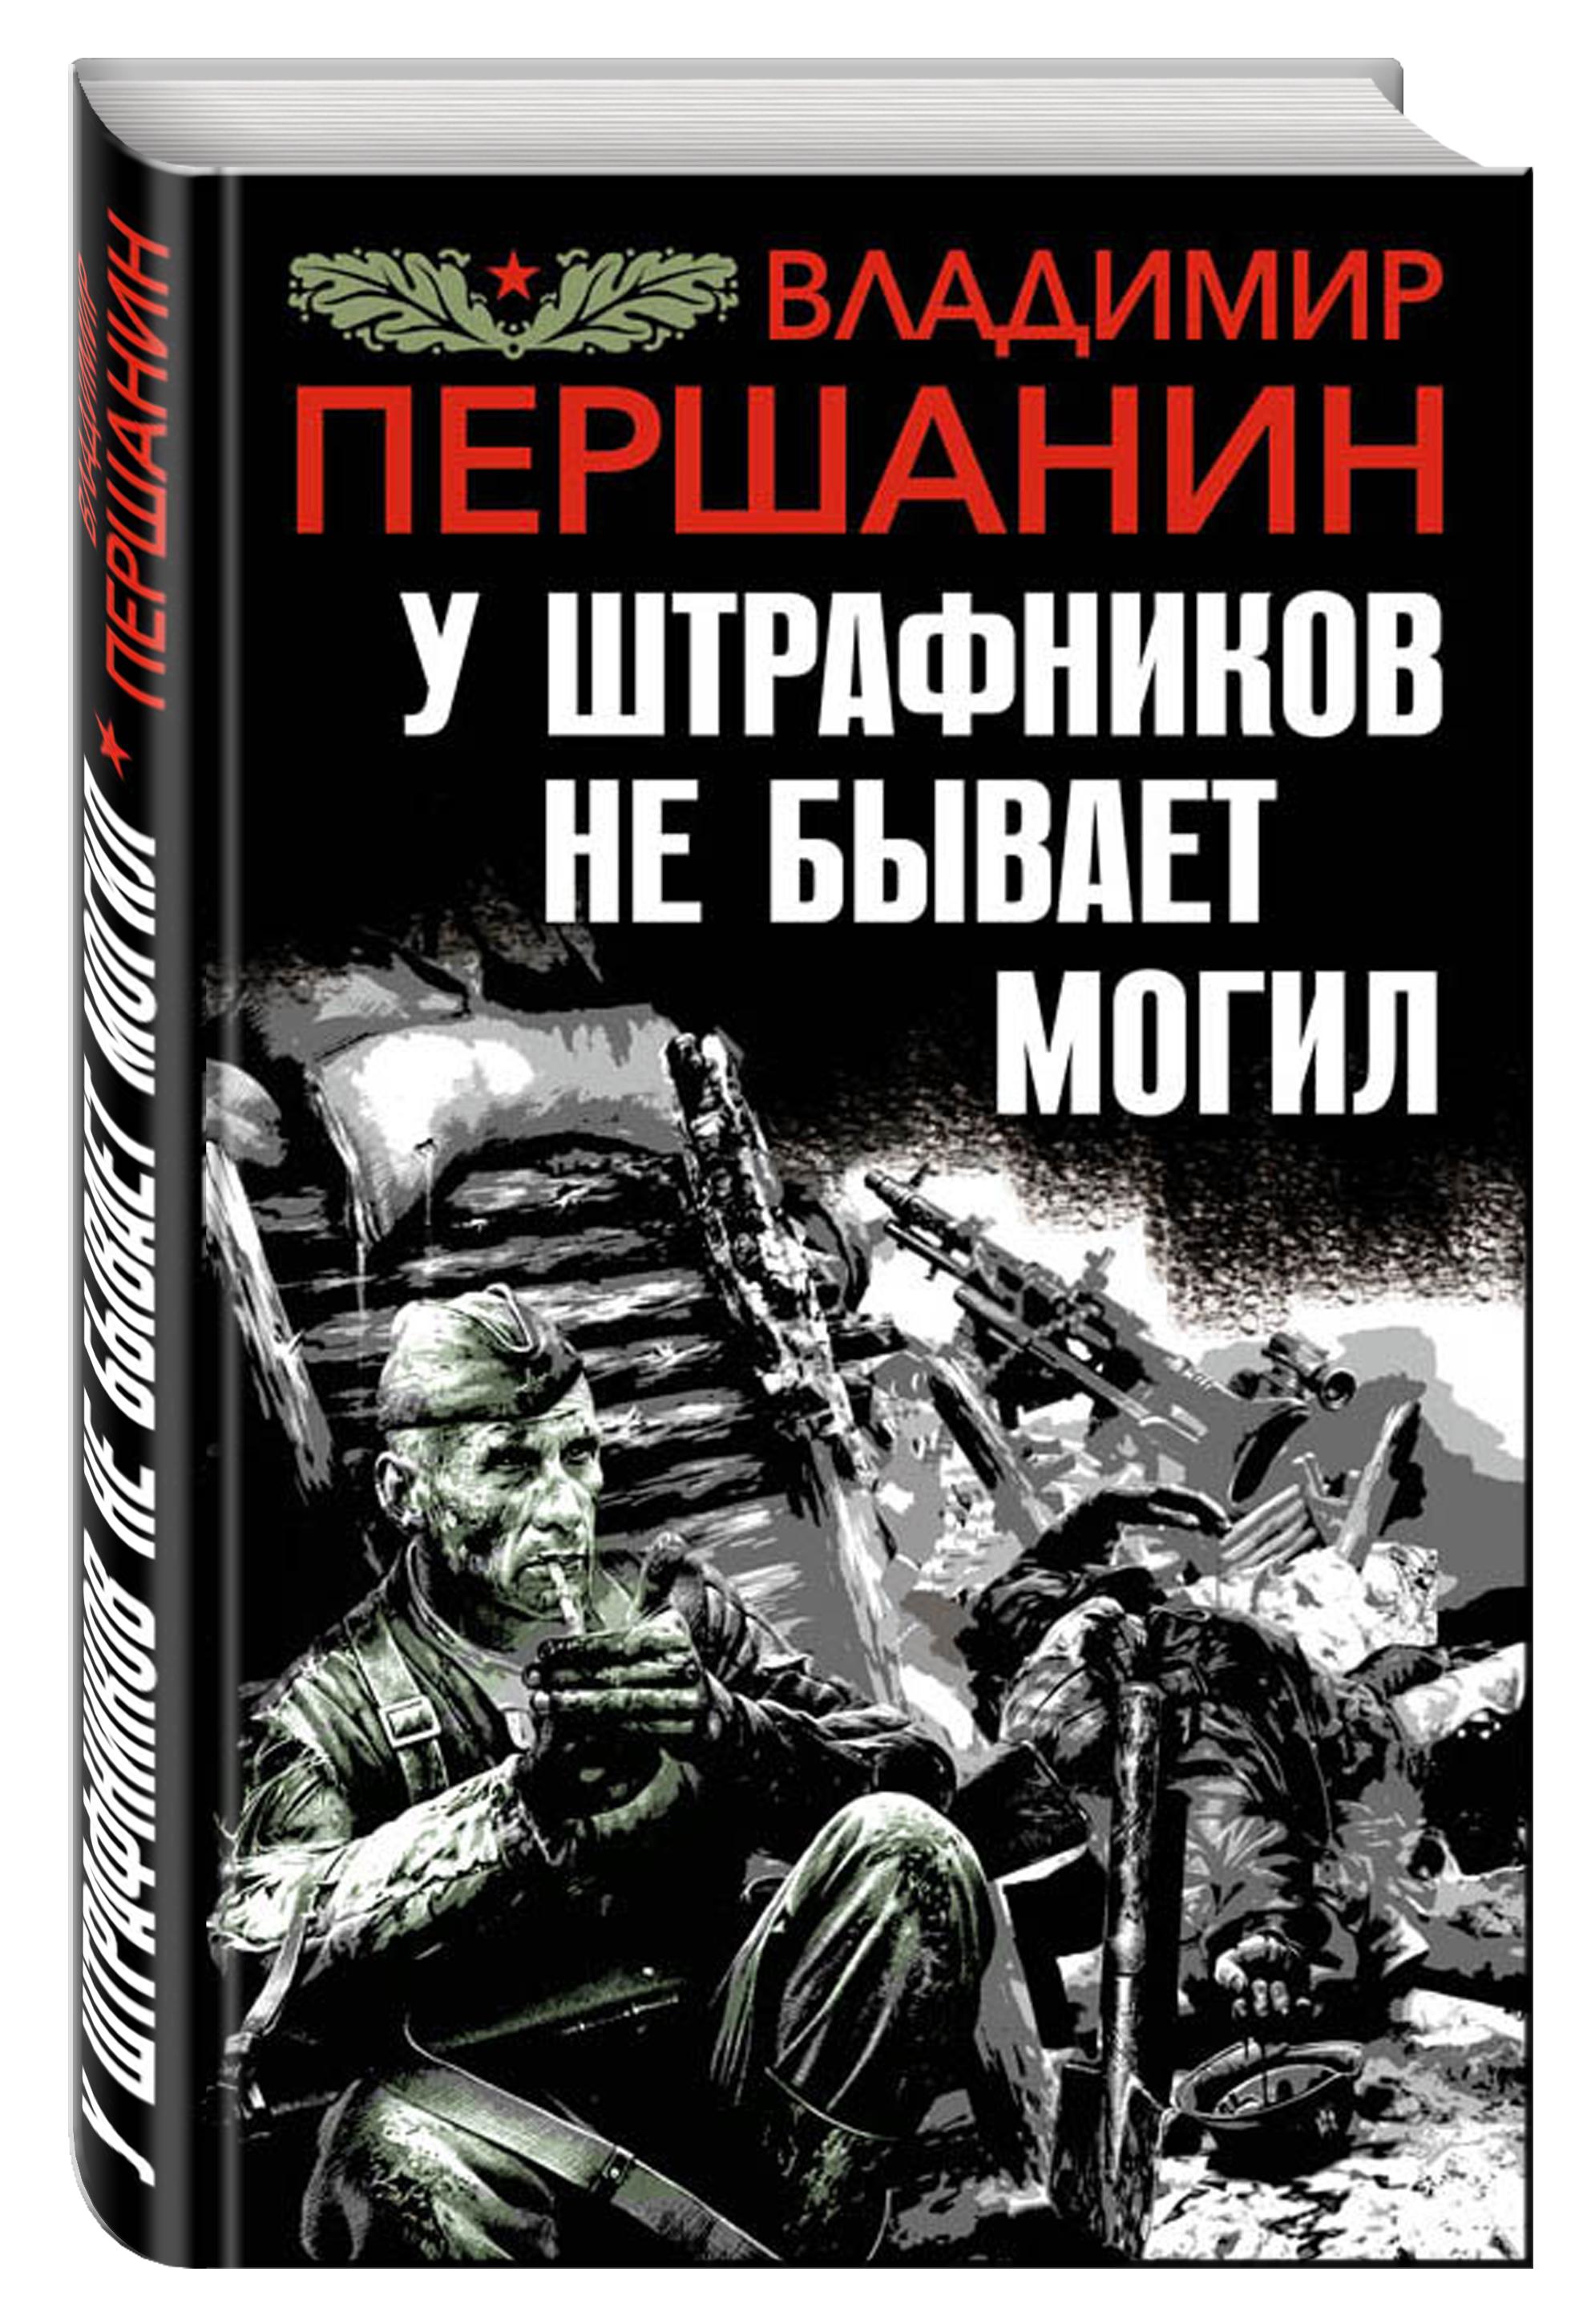 Першанин В.Н. У штрафников не бывает могил владимир першанин командир штрафной роты